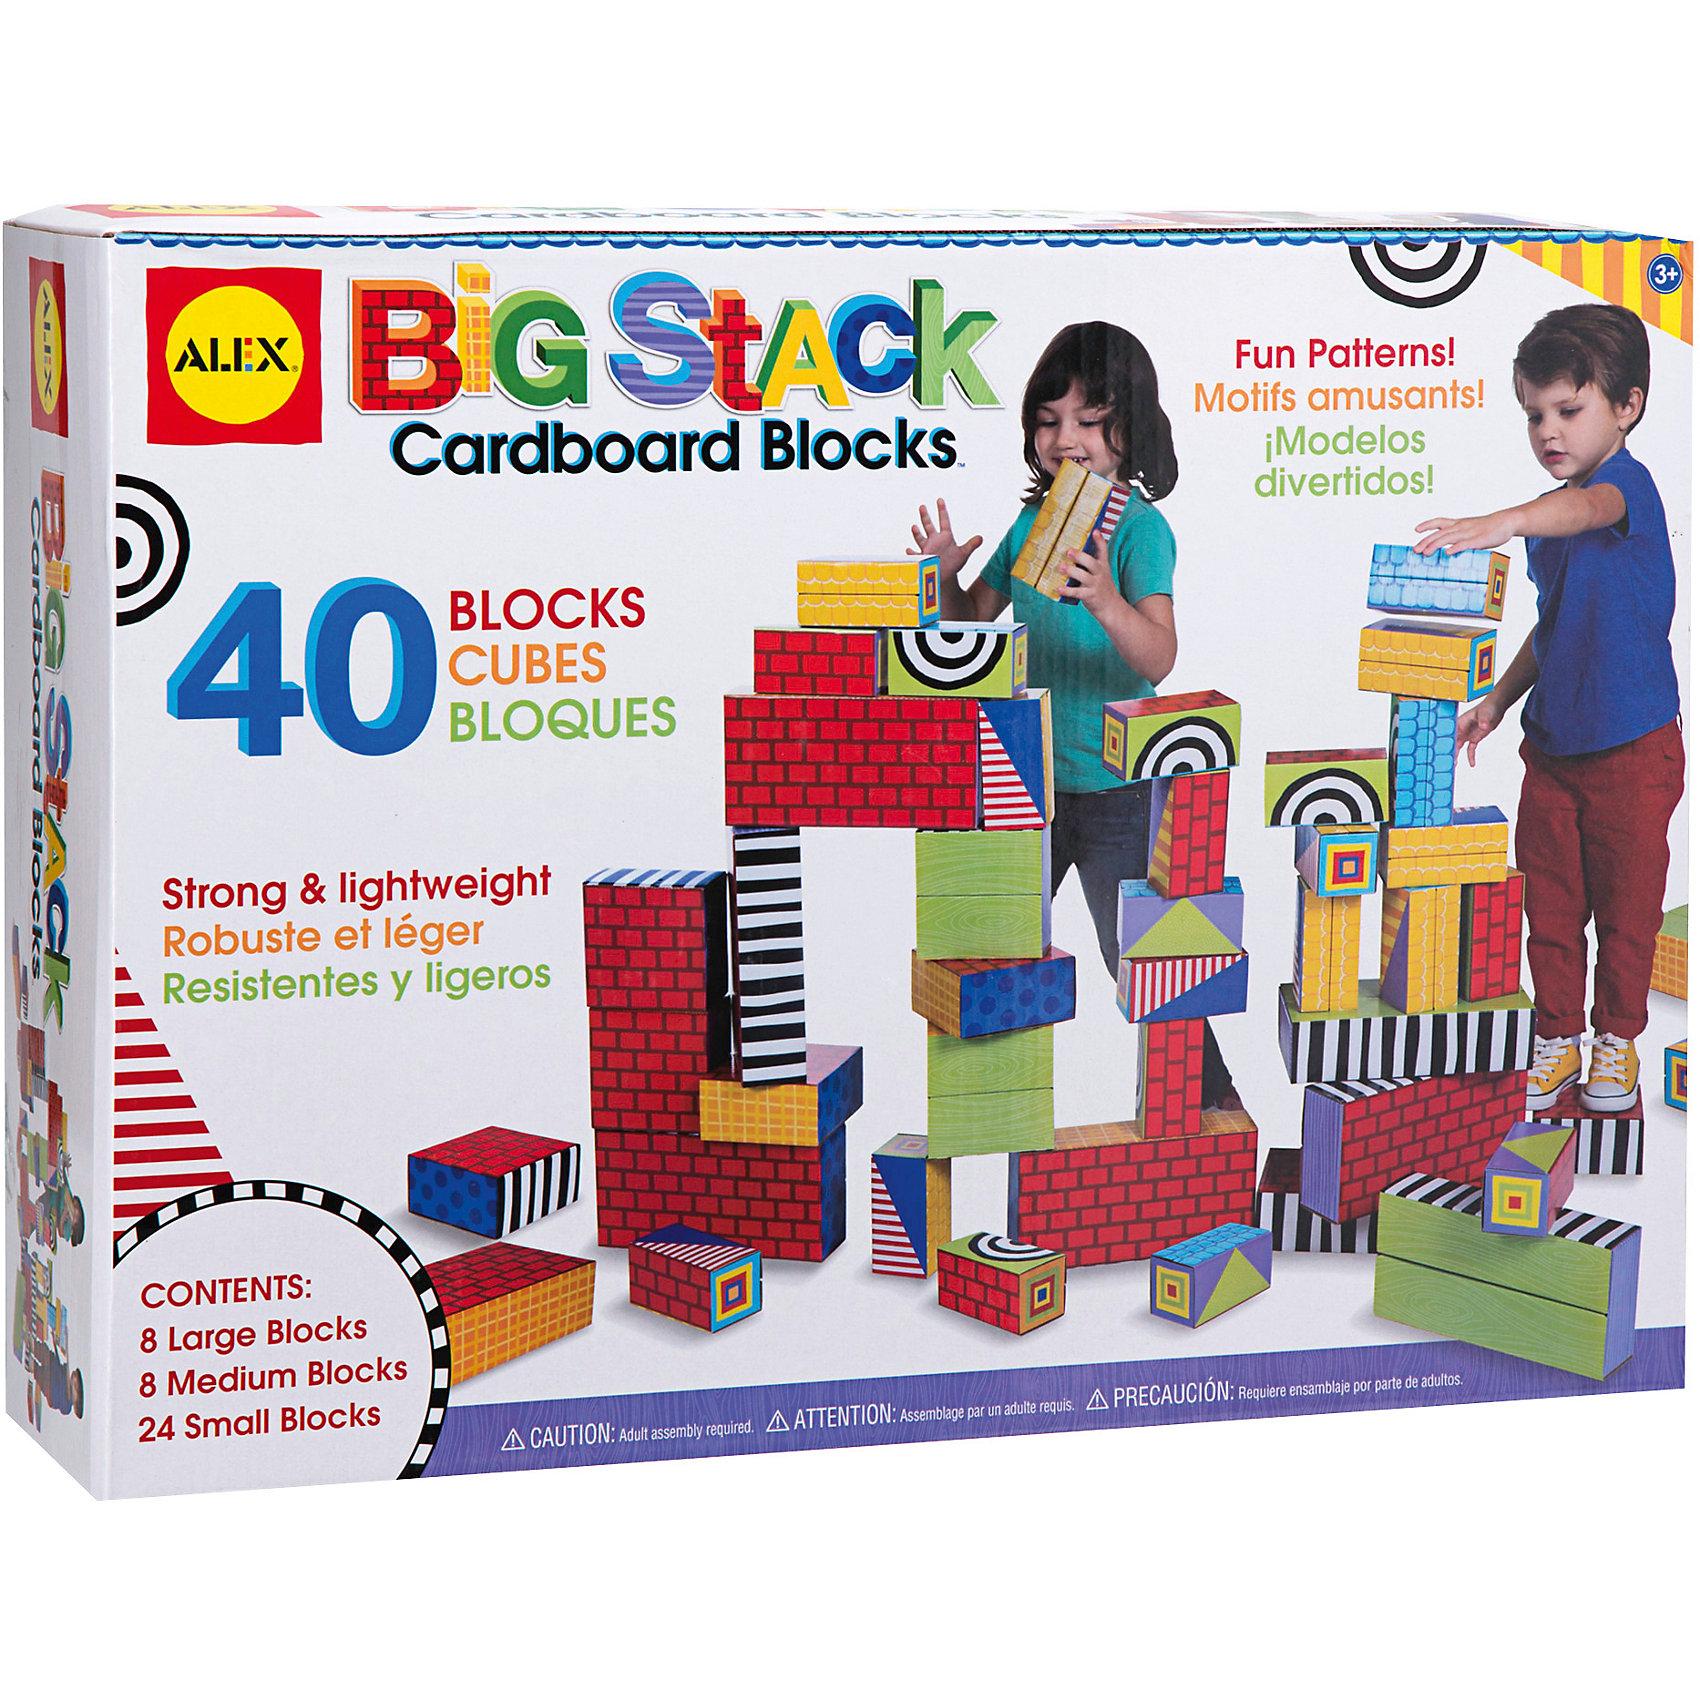 Набор Большие кубикиКубики<br>Этот конструктор из по-настоящему больших кубиков обязательно понравится детям. Все детали складываются из заготовок из плотного картона Из ярких кубиков можно построить крепость, на них можно даже стоять, придумывая все новые и новые игры. Различные узоры, напечатанные на фигурах открывают простор для детской фантазии и разнообразных игр. <br><br>Дополнительная информация:<br><br>- Материал: картон.<br>- Выдерживают вес  до 50 кг.<br>- В наборе 8 больших, 8 средних и 24 малых кубика.<br><br>Набор Большие кубики можно купить в нашем магазине.<br><br>Ширина мм: 50<br>Глубина мм: 14<br>Высота мм: 39<br>Вес г: 3828<br>Возраст от месяцев: 36<br>Возраст до месяцев: 72<br>Пол: Унисекс<br>Возраст: Детский<br>SKU: 4347883